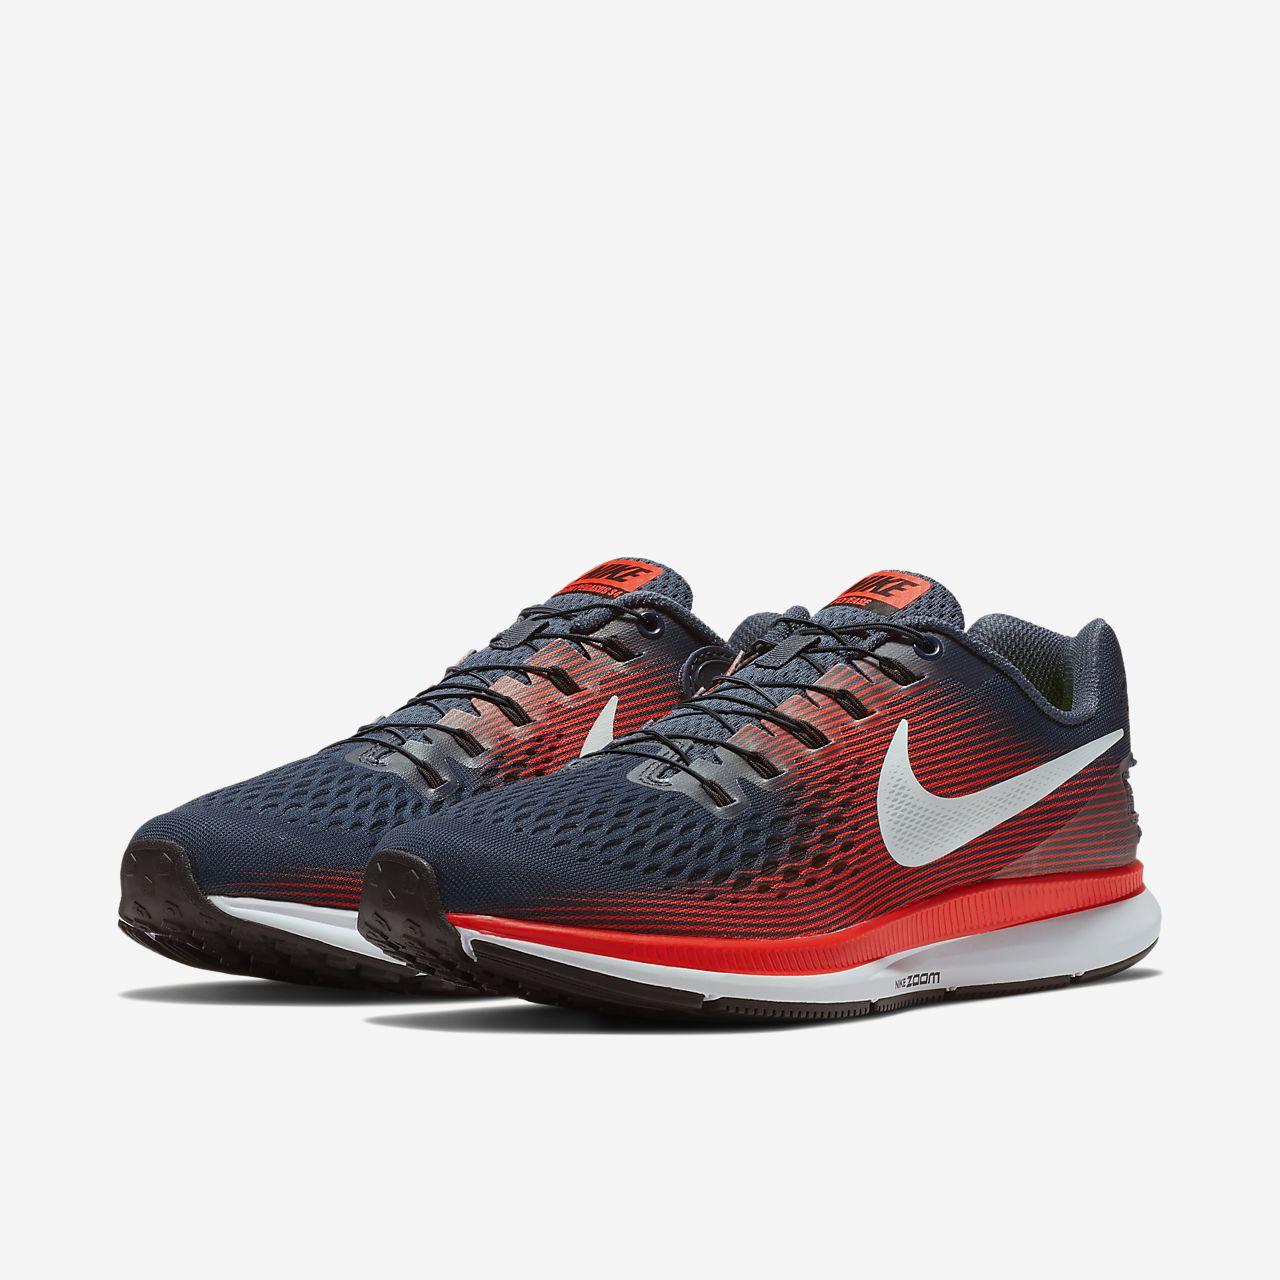 ... Nike Air Zoom Pegasus 34 FlyEase Men's Running Shoe